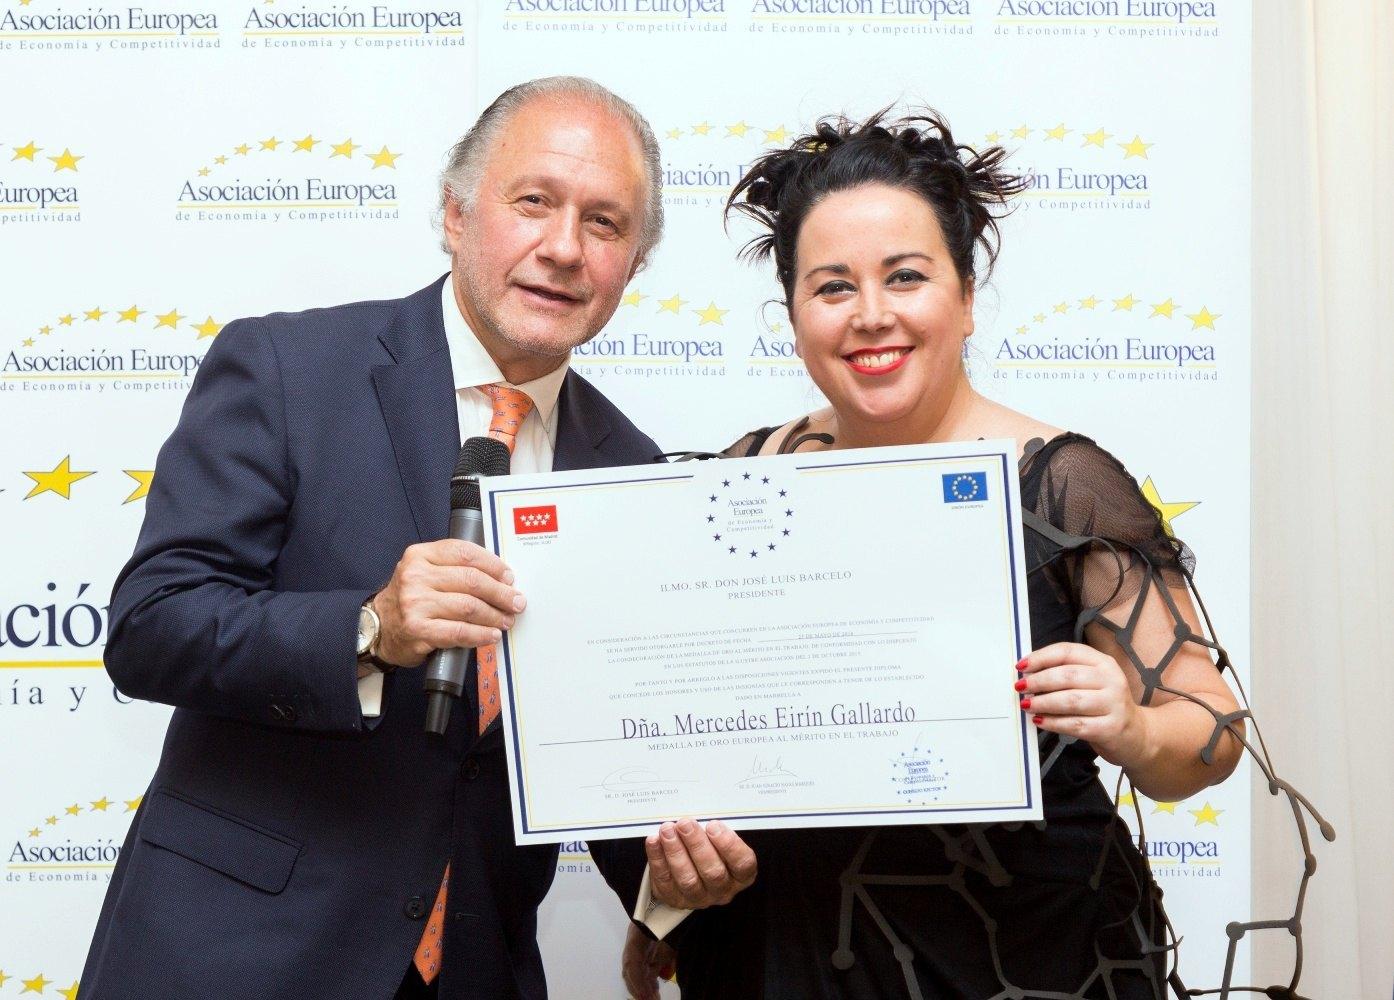 AEDEEC - Mercedes Eirín, medalla de oro al mérito en el trabajo